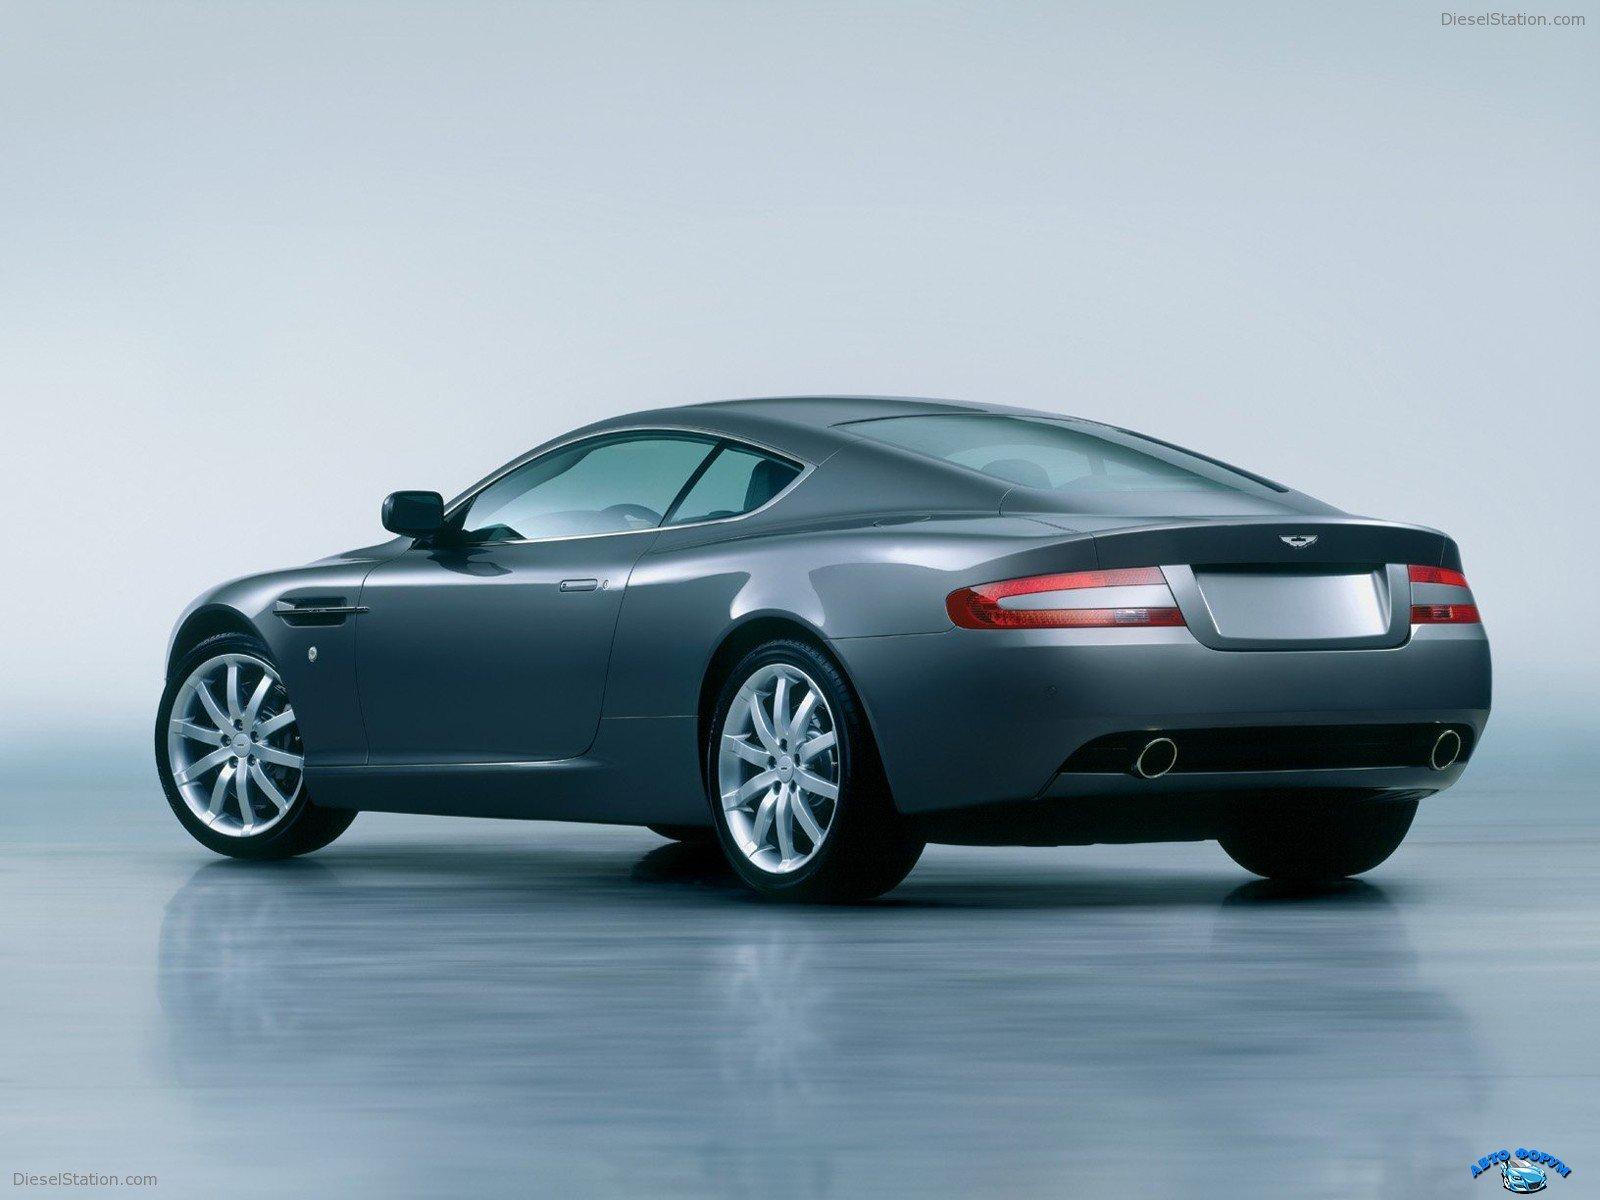 Aston-Martin-DB9-009.jpg